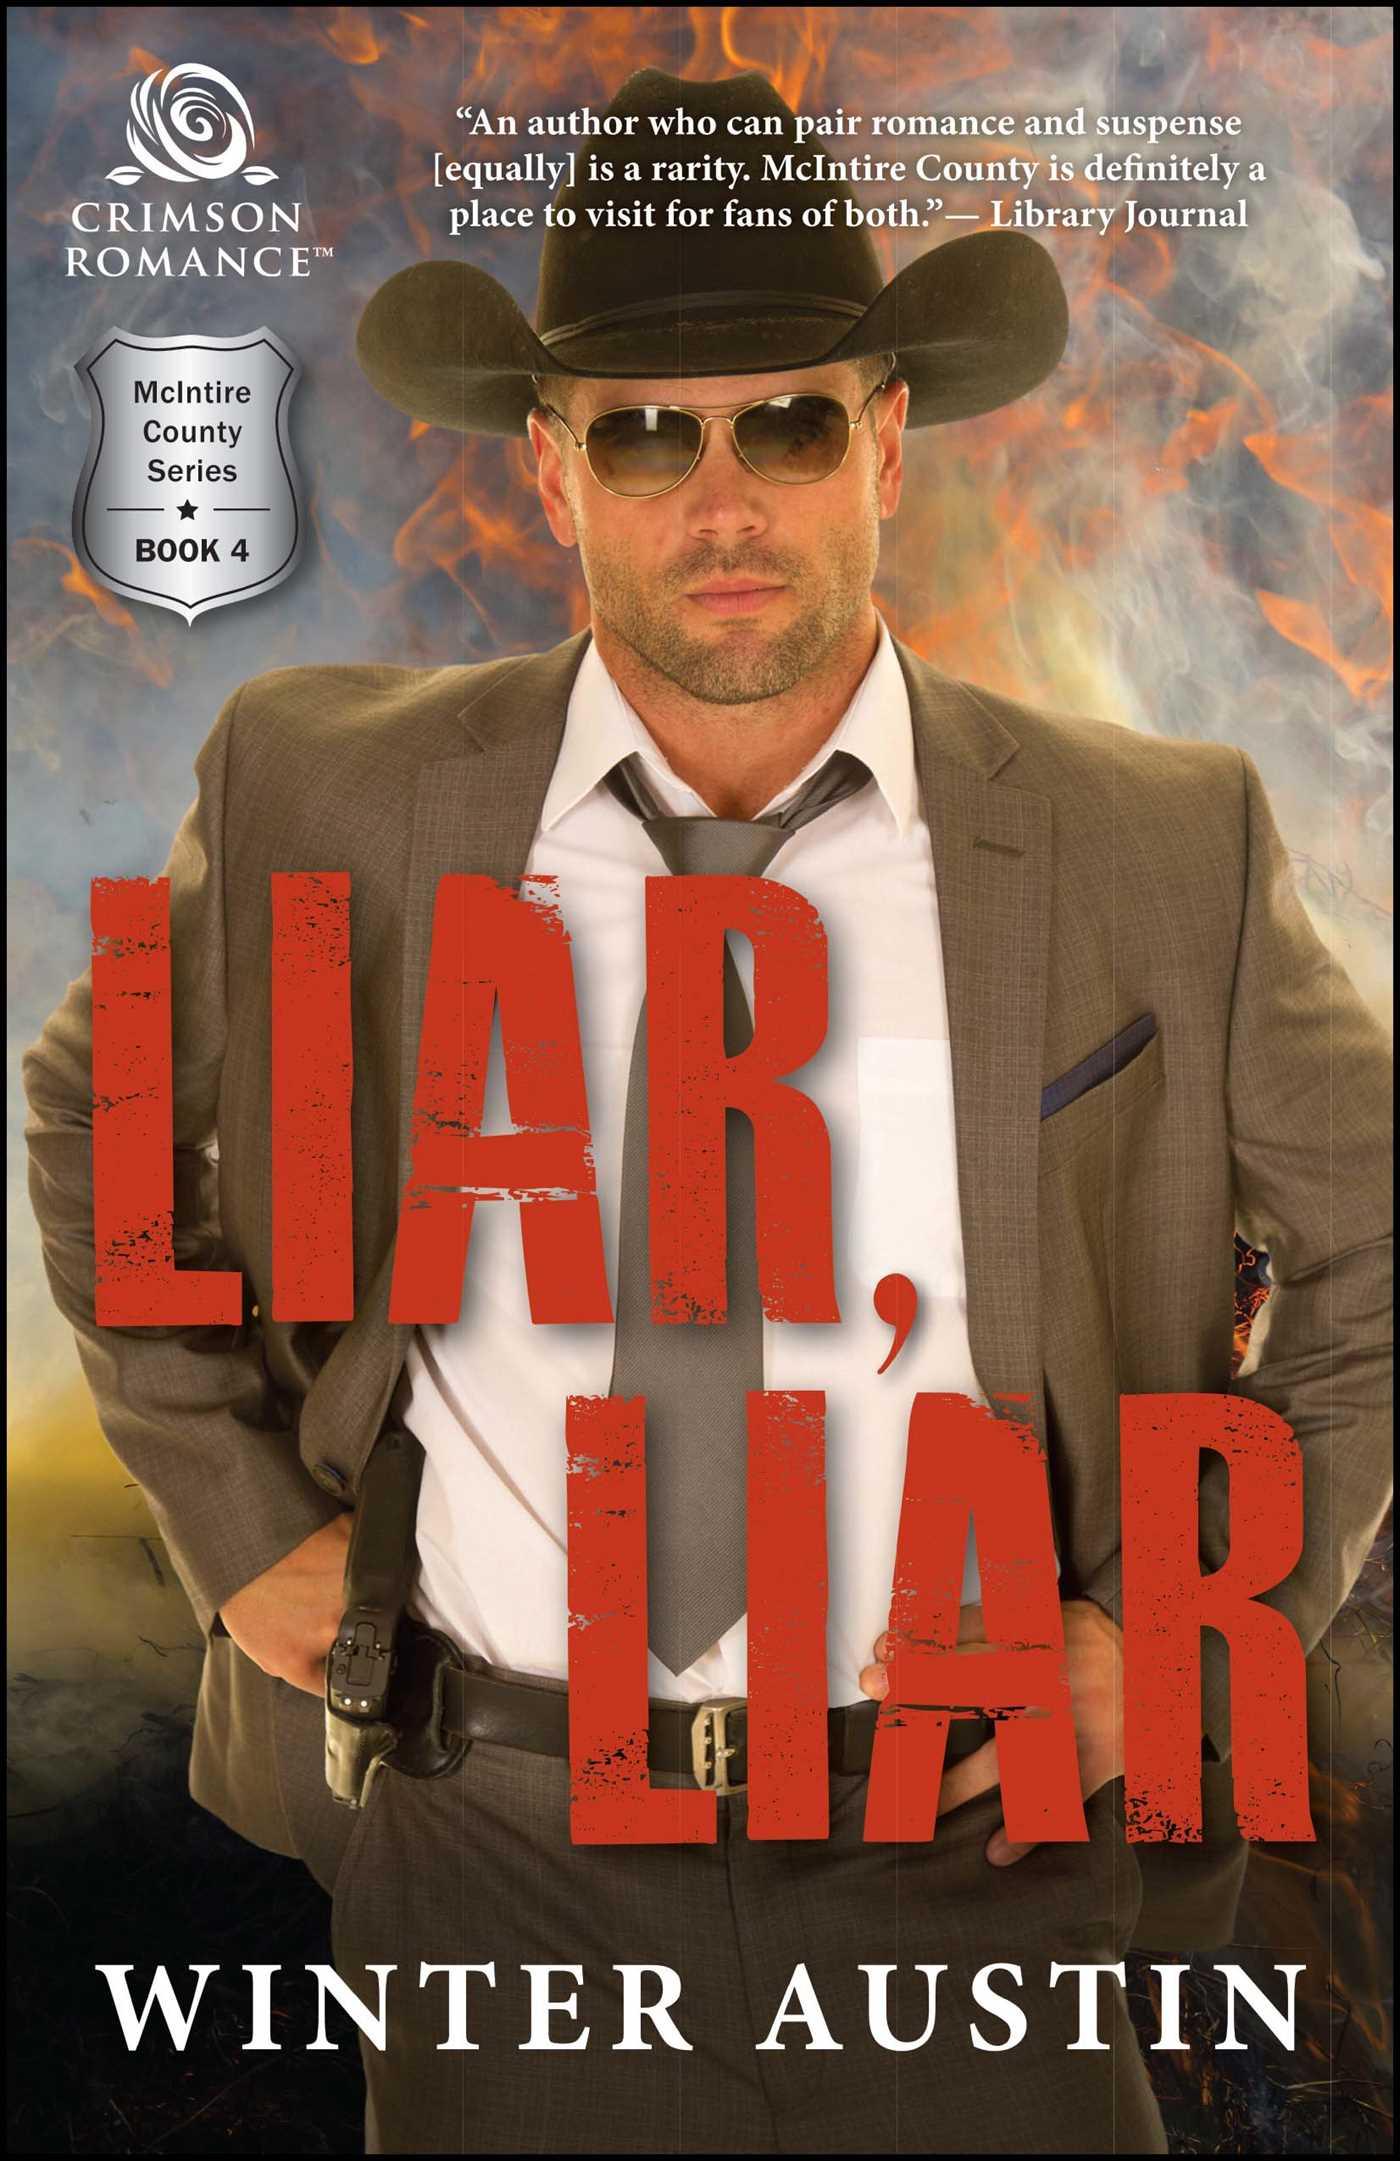 Liar liar 9781507208038 hr